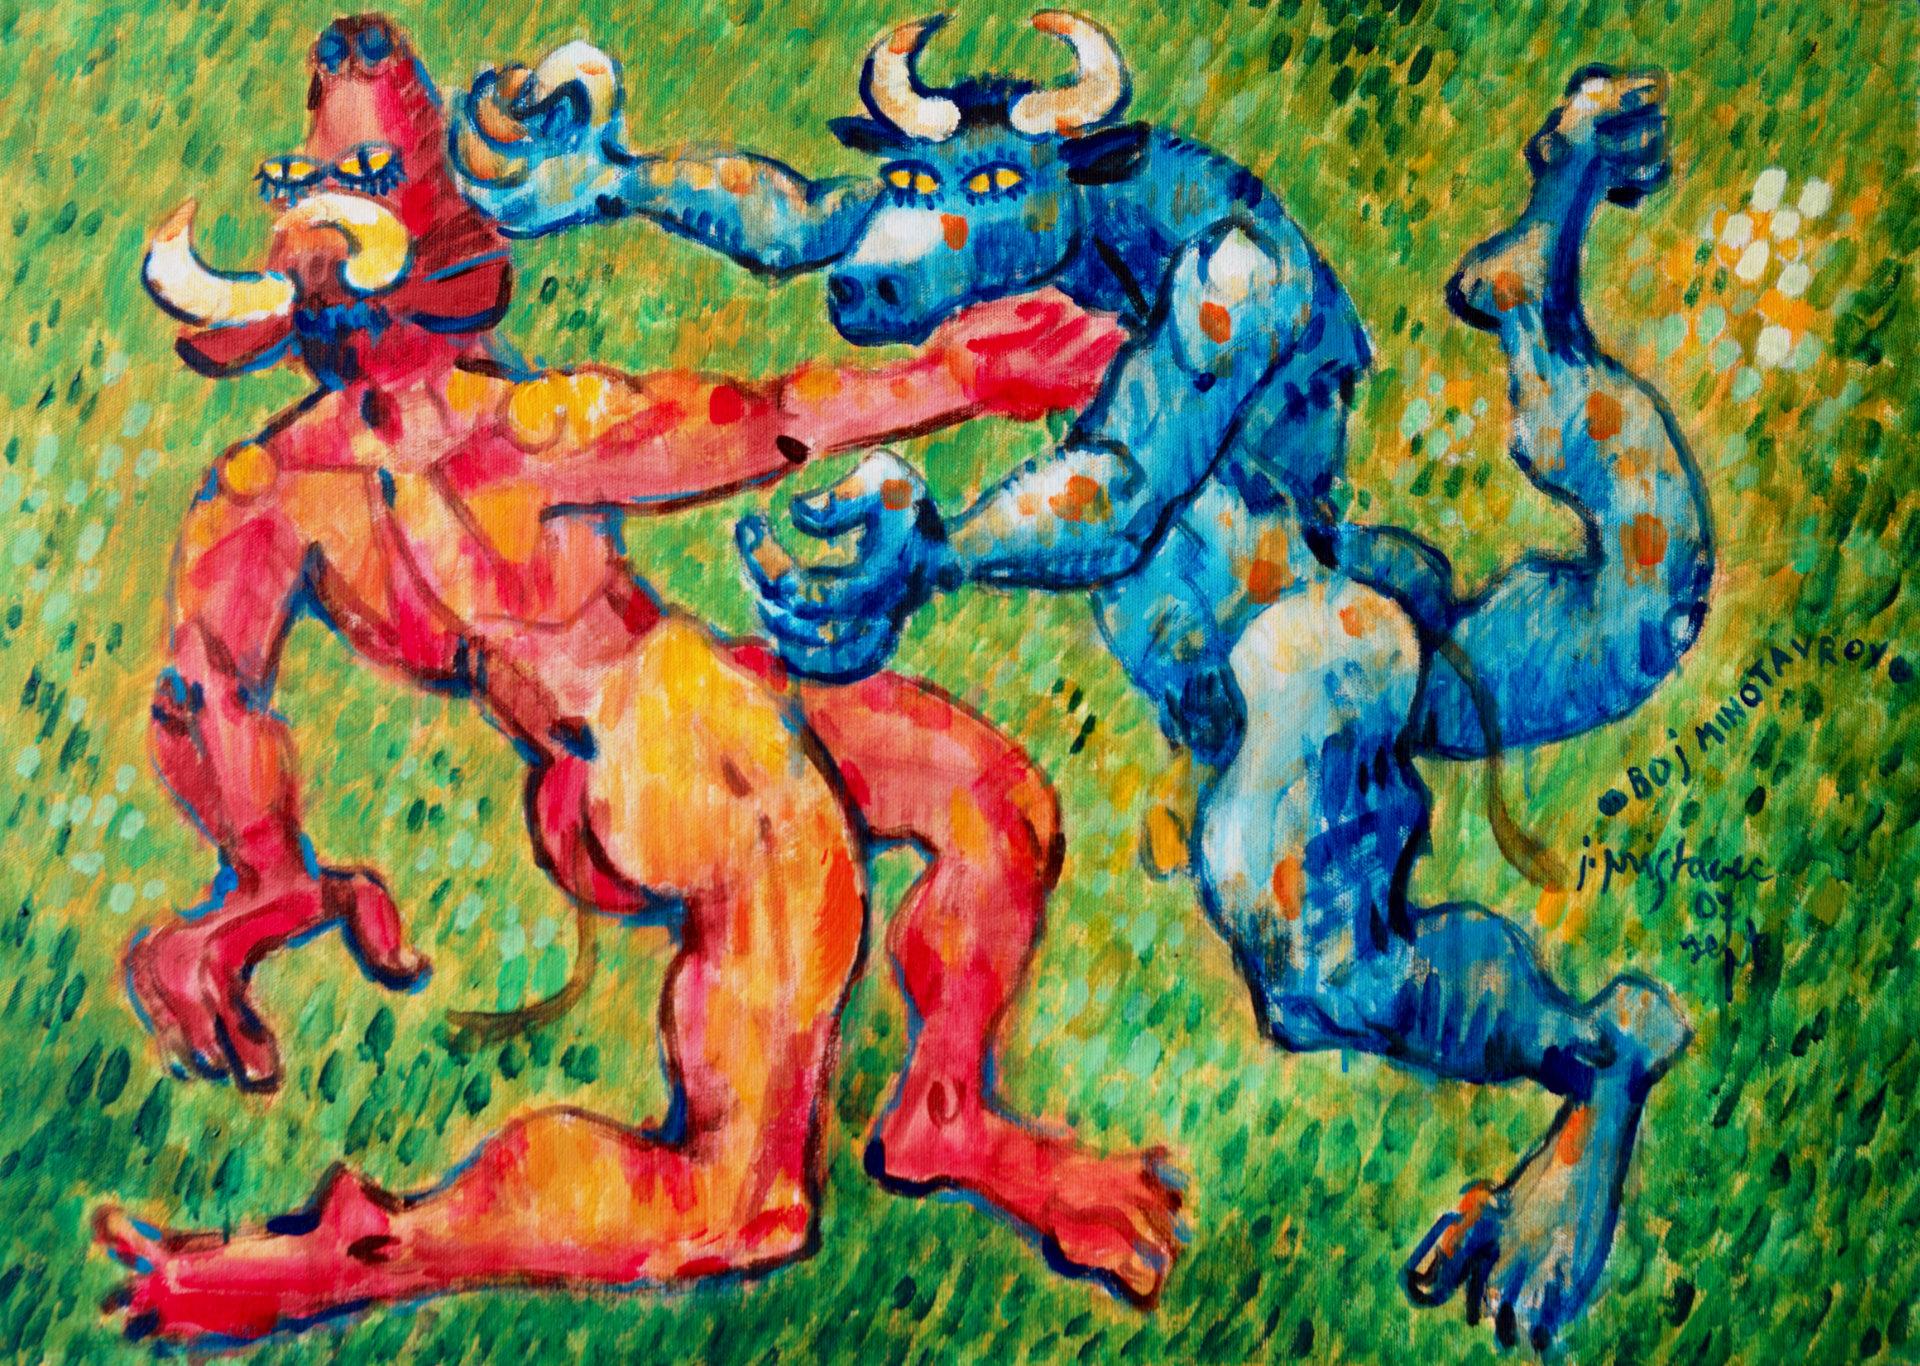 Boj minotavrov  - iz cikla Mitologija  2007, akril na platnu, 70 x 50 cm